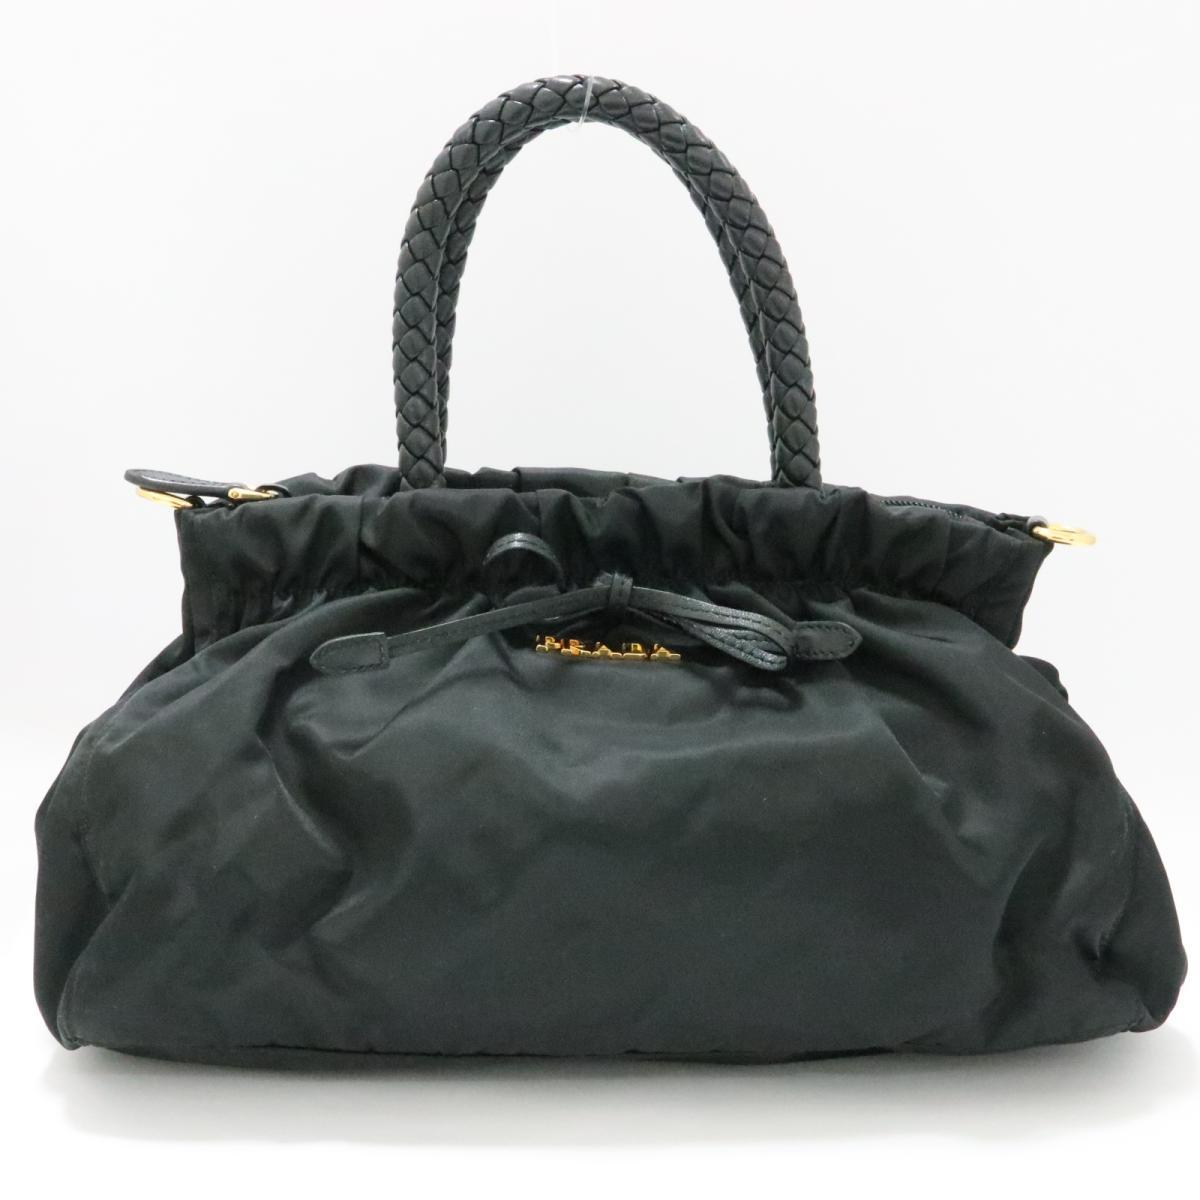 【中古】 プラダ 2WAY ショルダーバッグ レディース ナイロン ブラック | PRADA ショルダーバック ショルダー 肩がけ バッグ バック BAG カバン 鞄 ブランドバッグ ブランドバック 美品 ブランドオフ